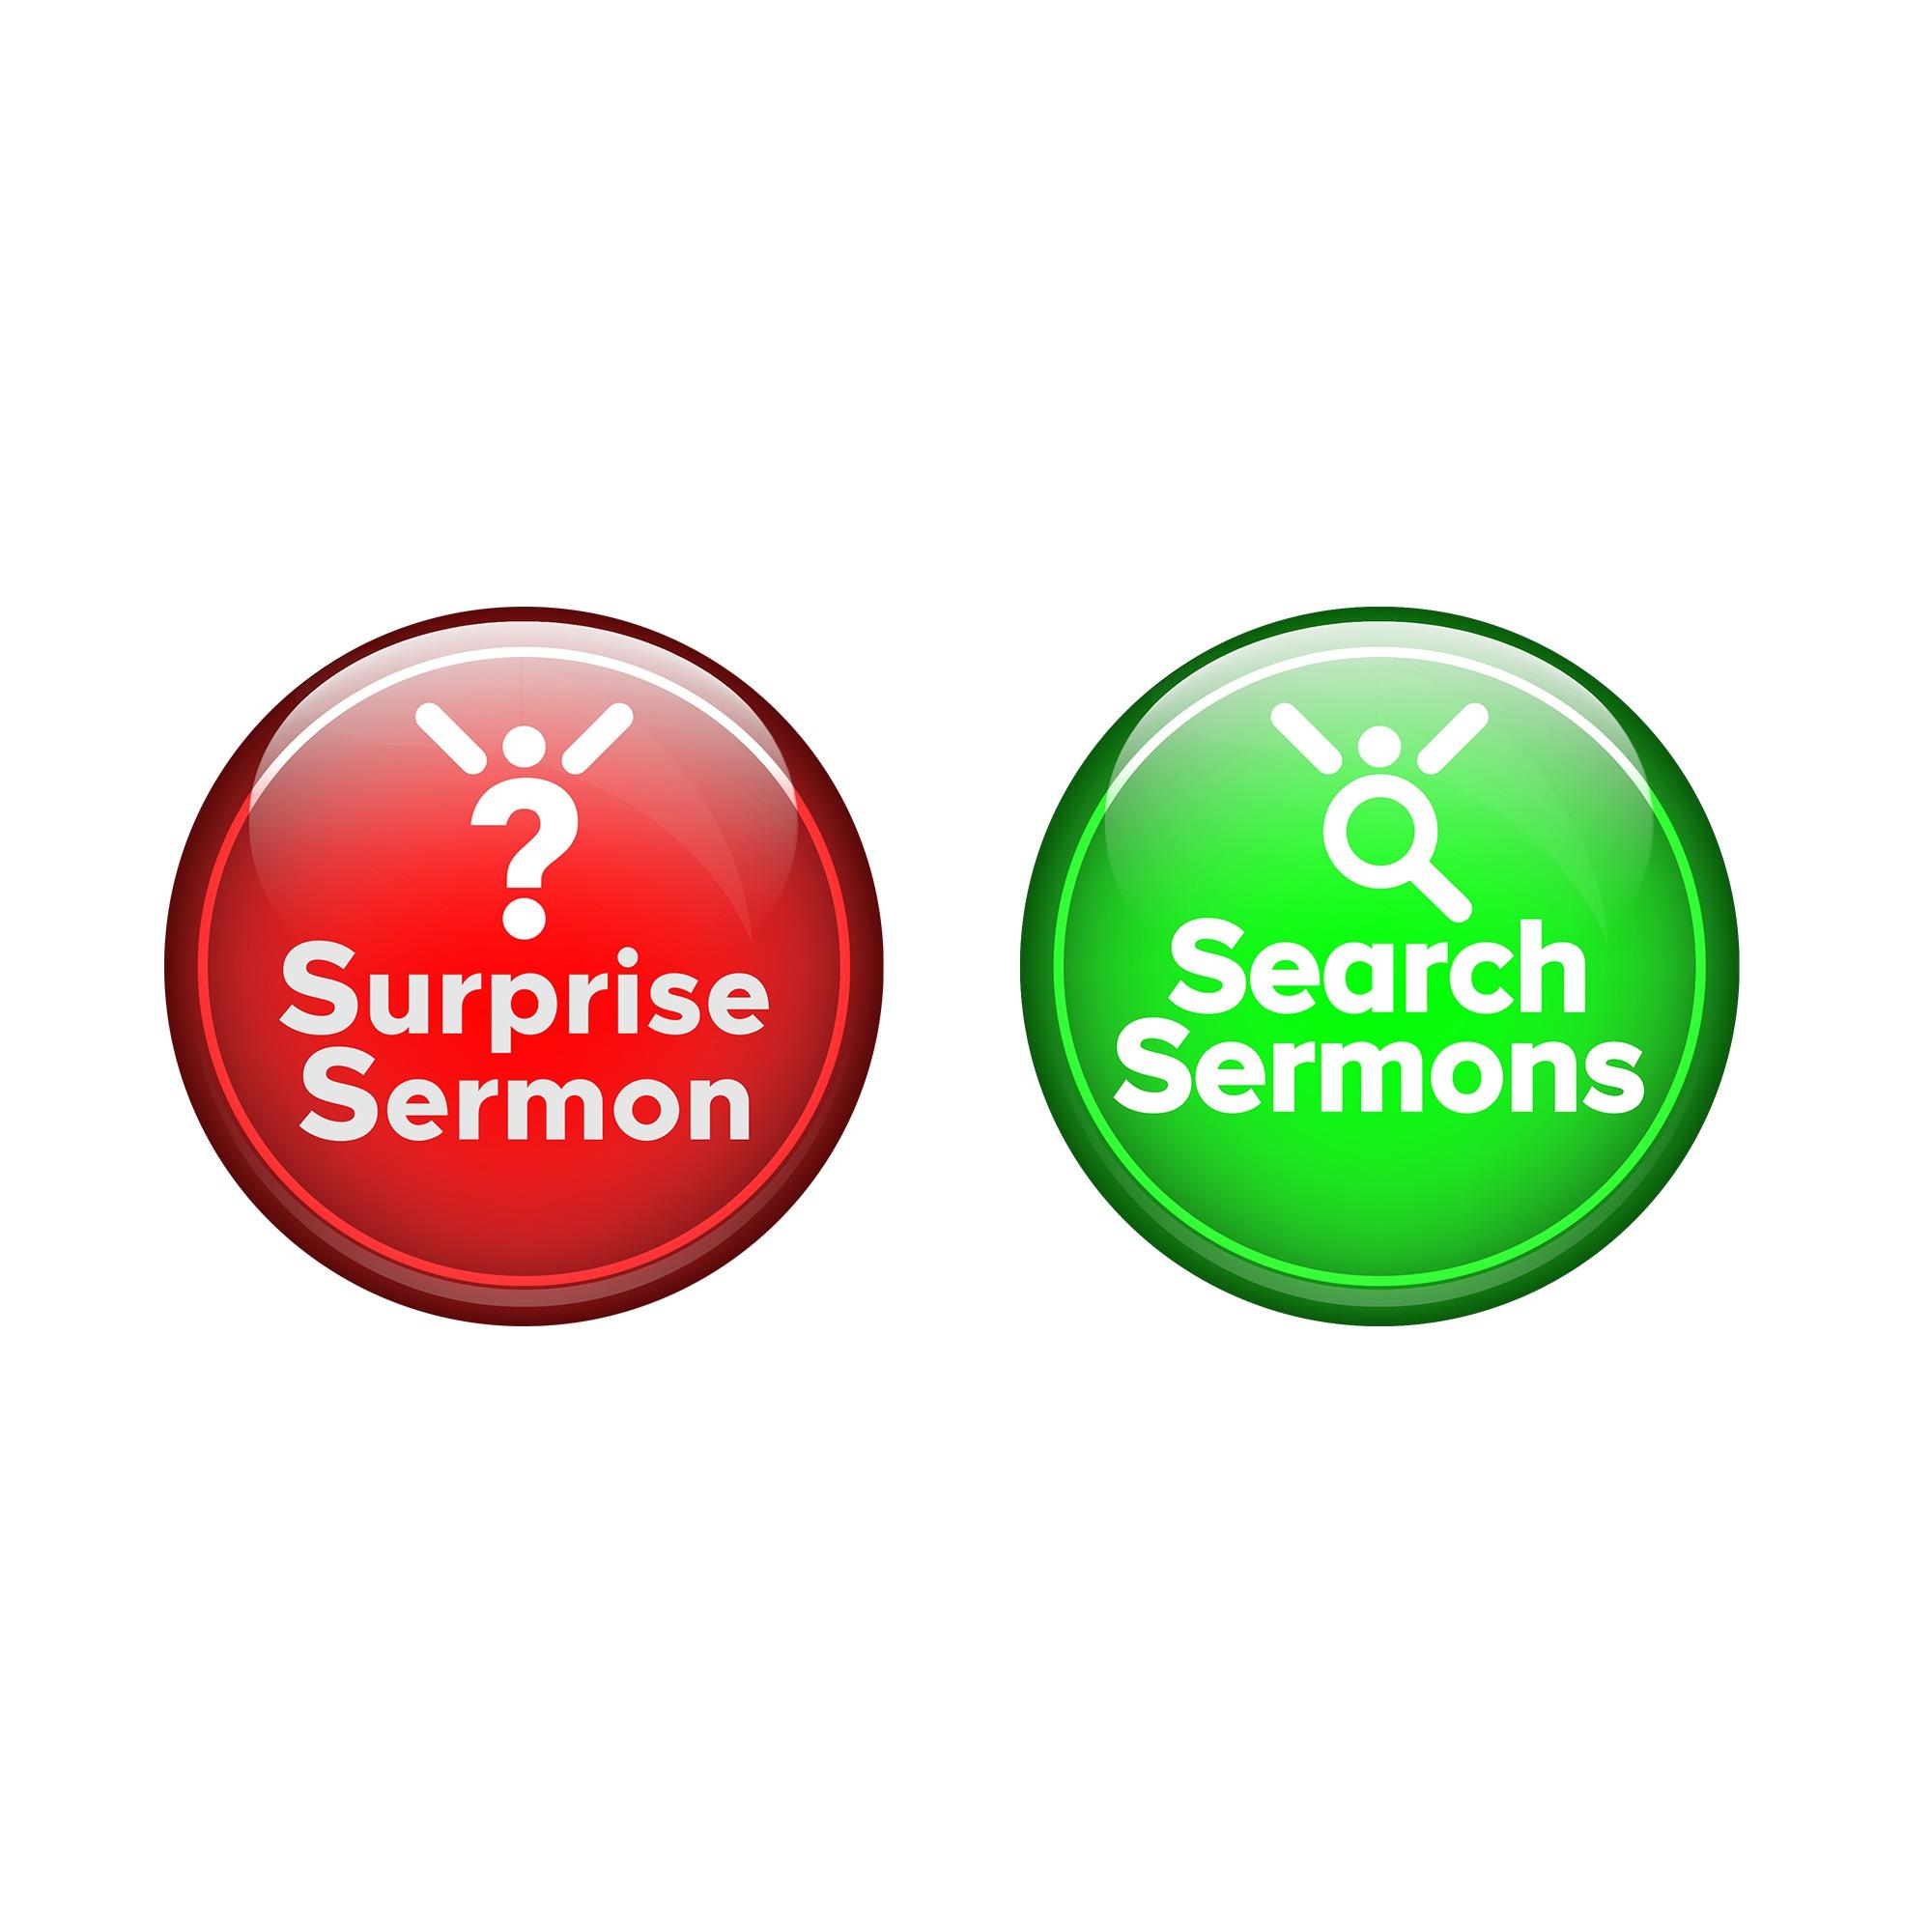 Surprise Sermon Web Buttons